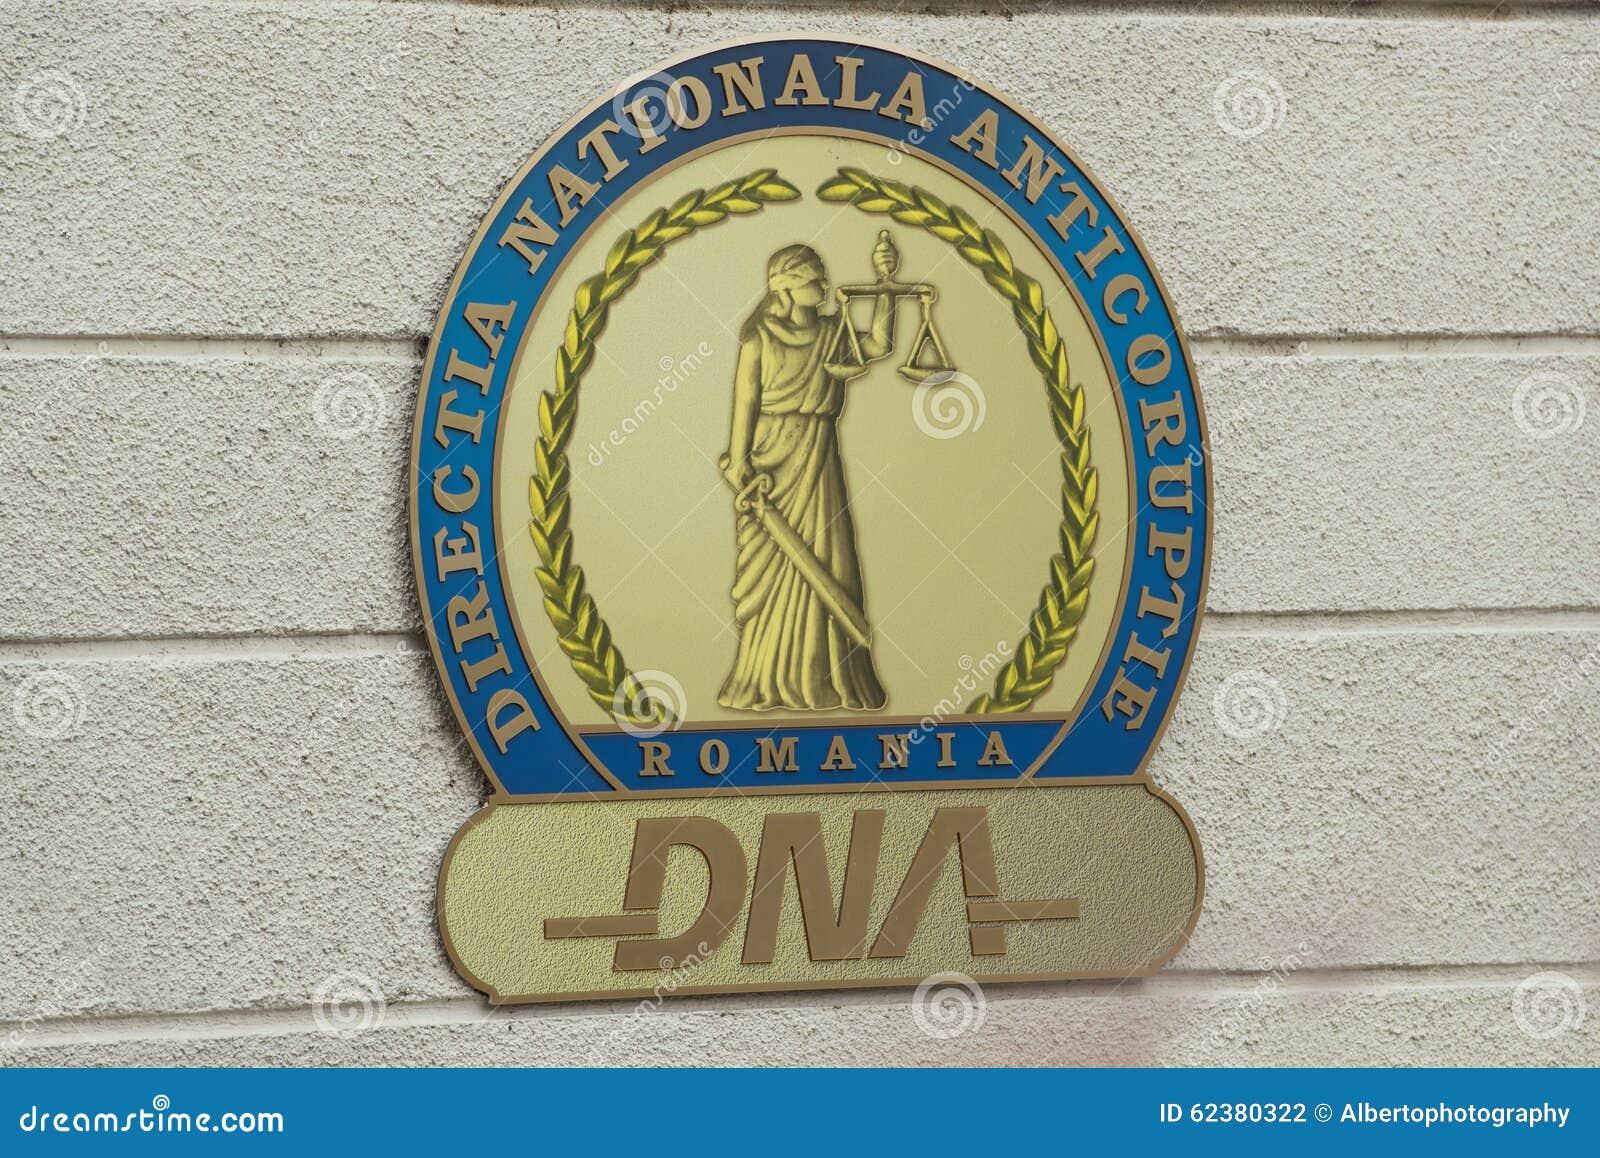 DNAlogo